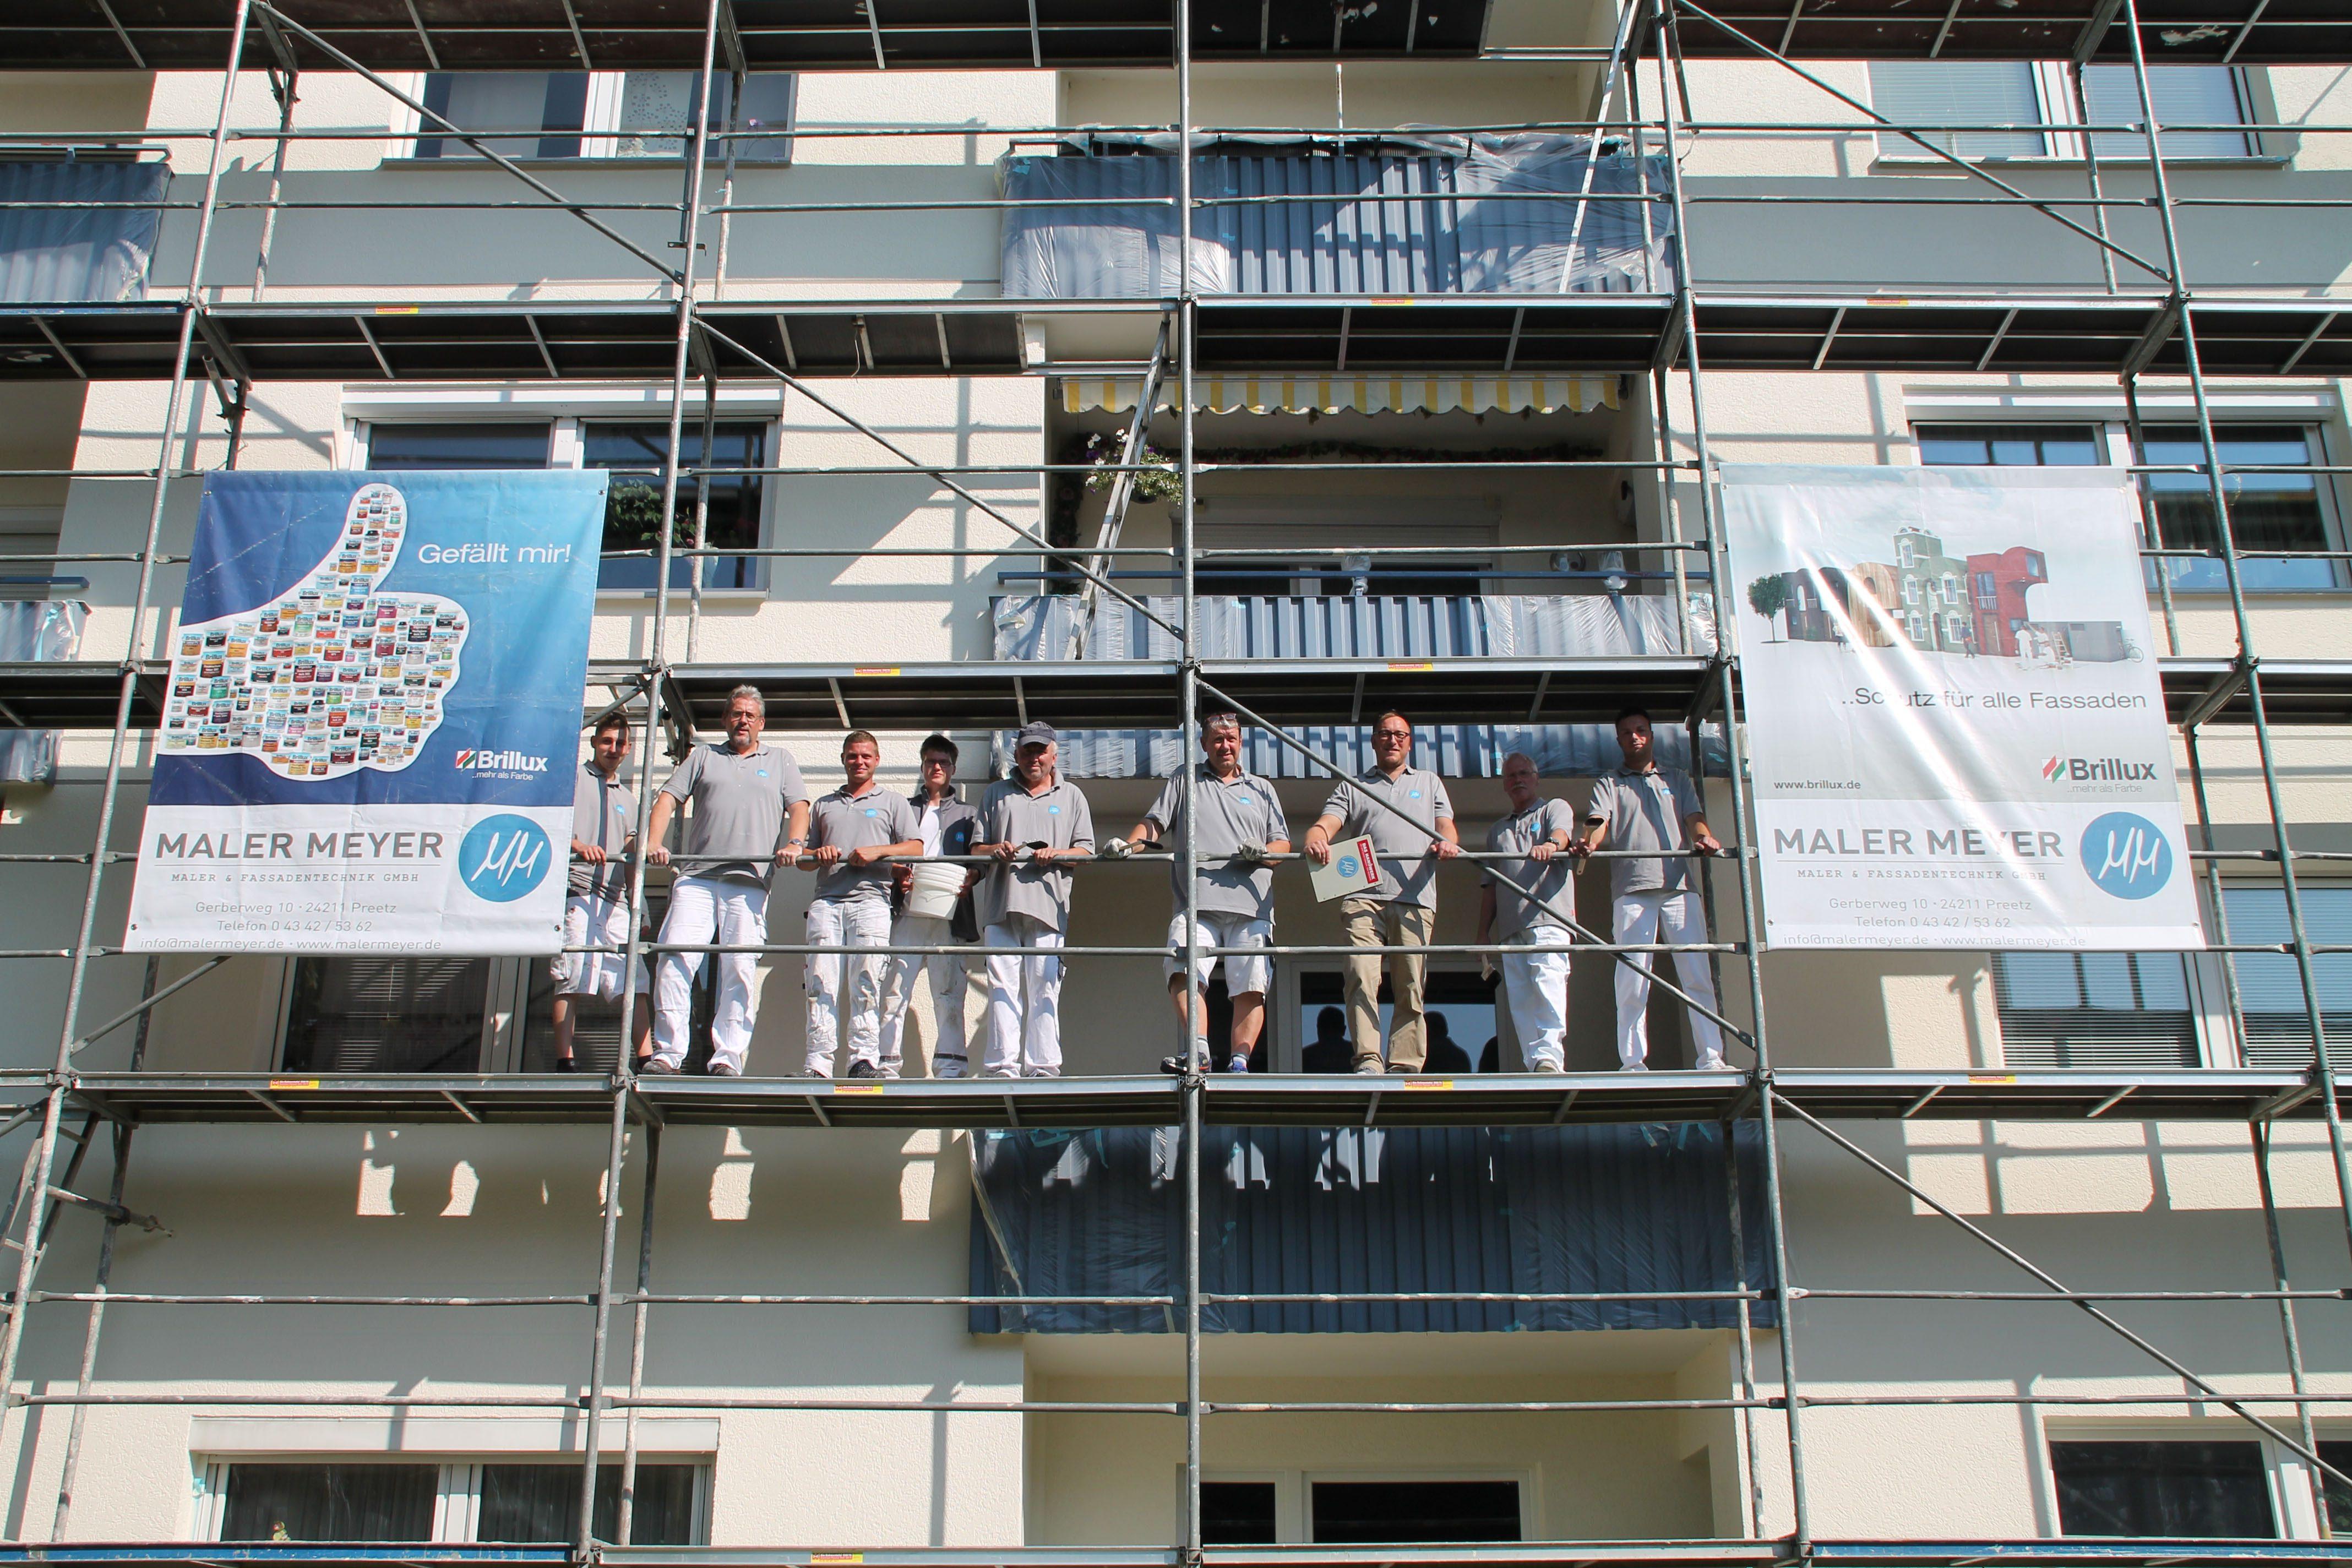 Nicki Meyer (Dritter von rechts) mit seinen Mitarbeitern bei einer Fassadenüberarbeitung in Schwentinental. Die Arbeiten reichen von der Gerüststellung über die Fassadenreinigung, die Grundierung, den Zwischenanstrich bis zum Schlussanstrich.